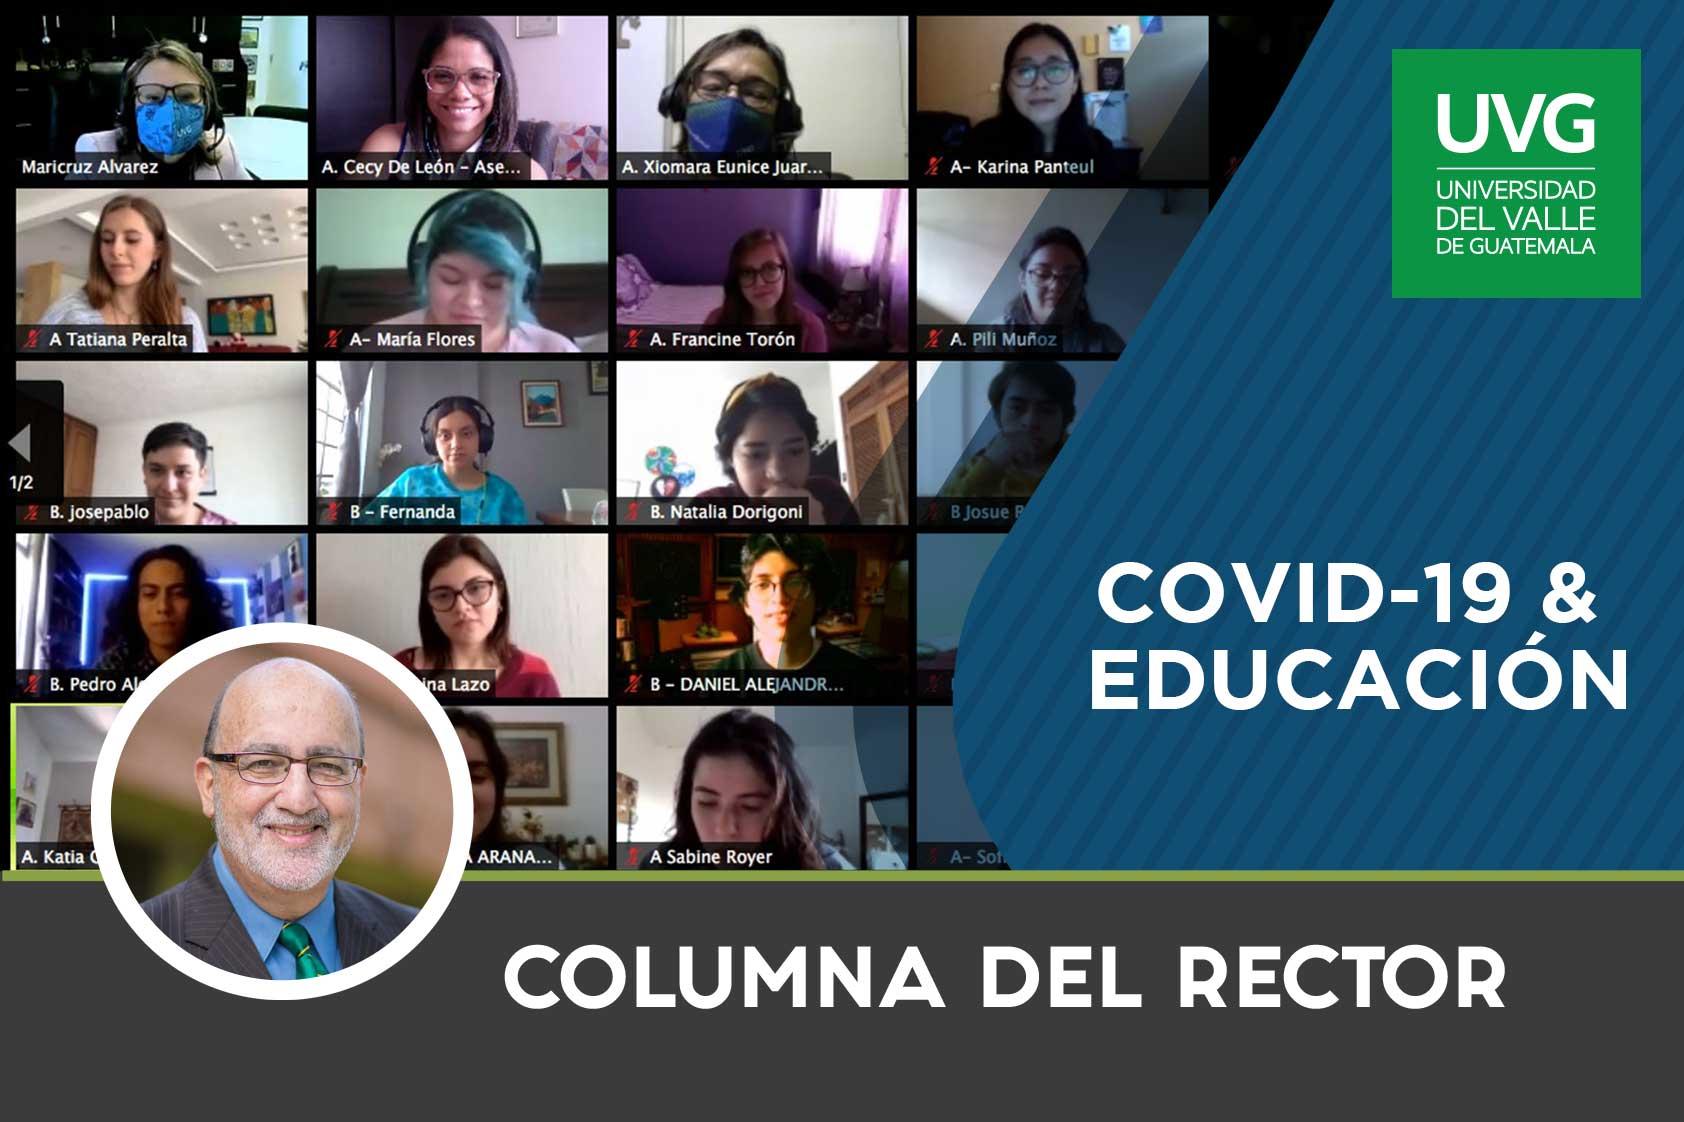 COVID-19 & Educación